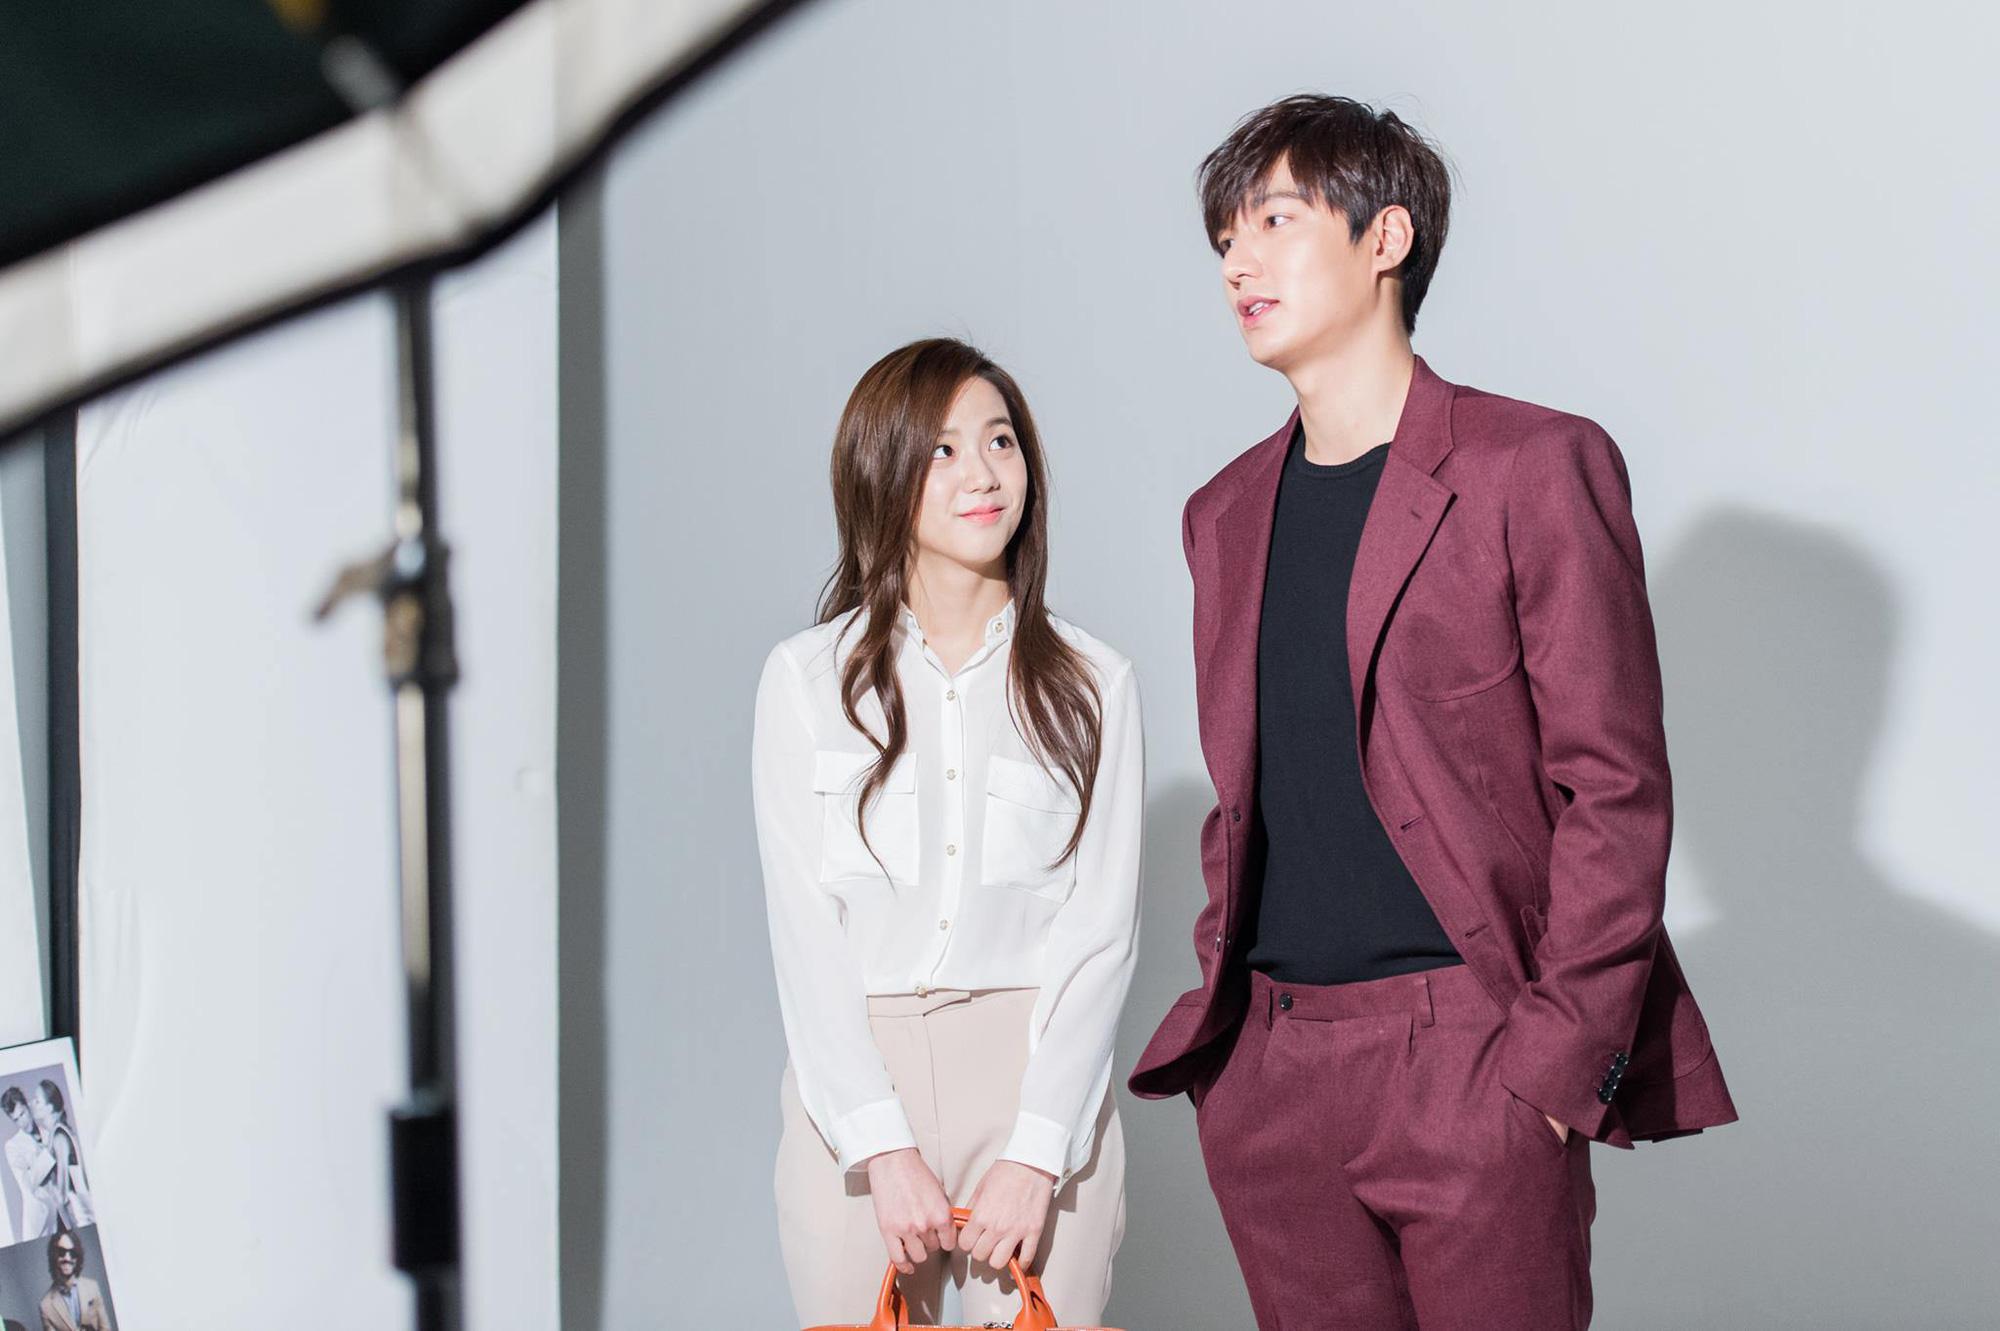 """Jisoo quả là """"đẹp từ trong trứng nước"""", loạt ảnh thời trang từ thuở trước khi debut cũng đủ sức gây bão mạng xã hội - Ảnh 3."""